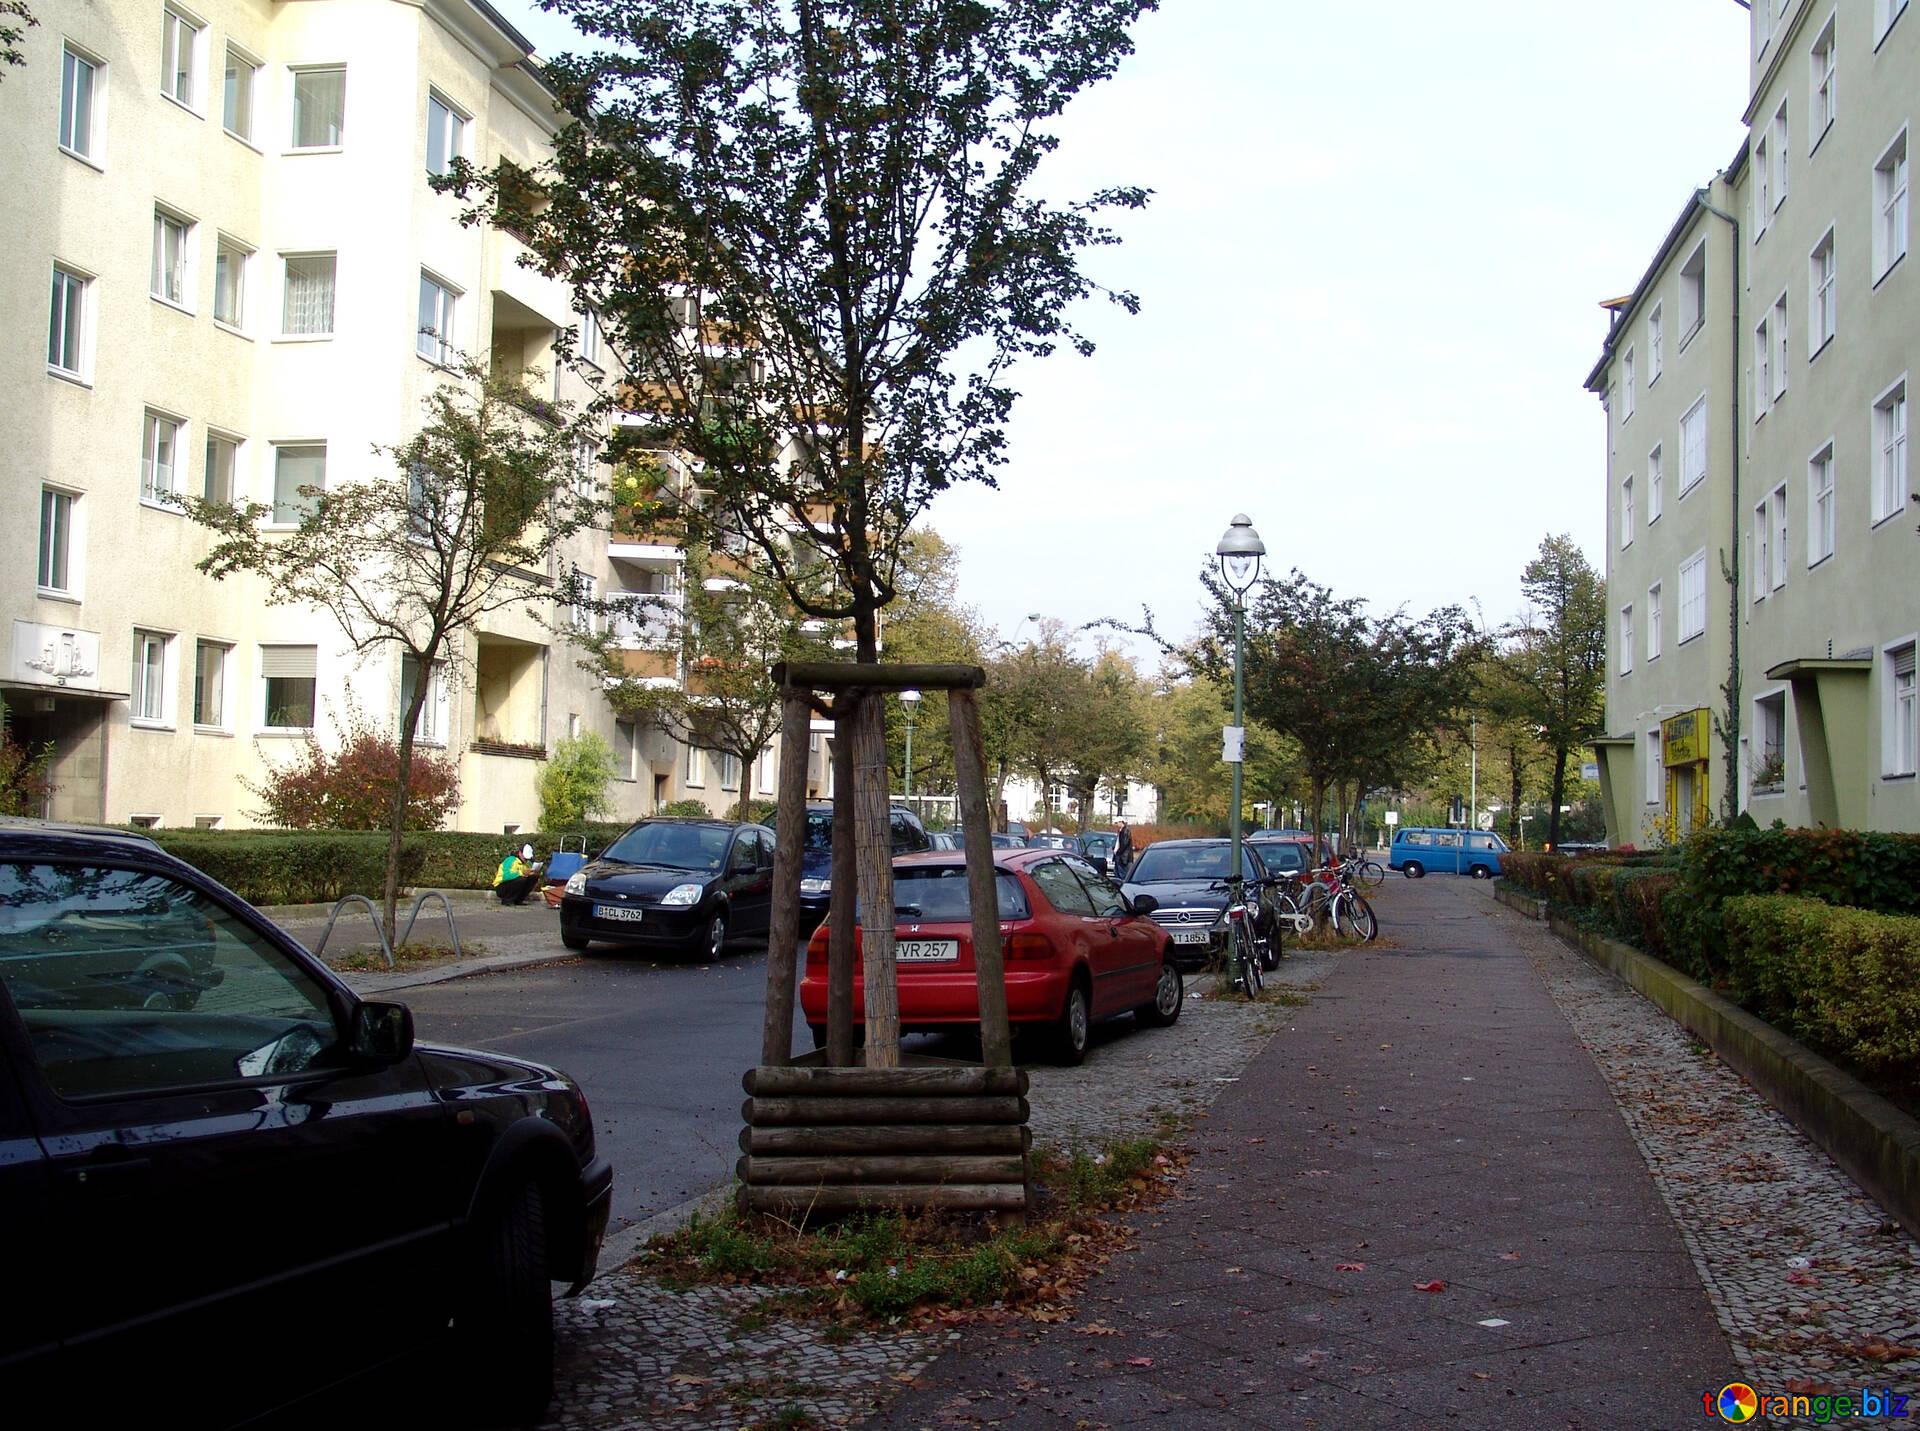 Free parking in berlin